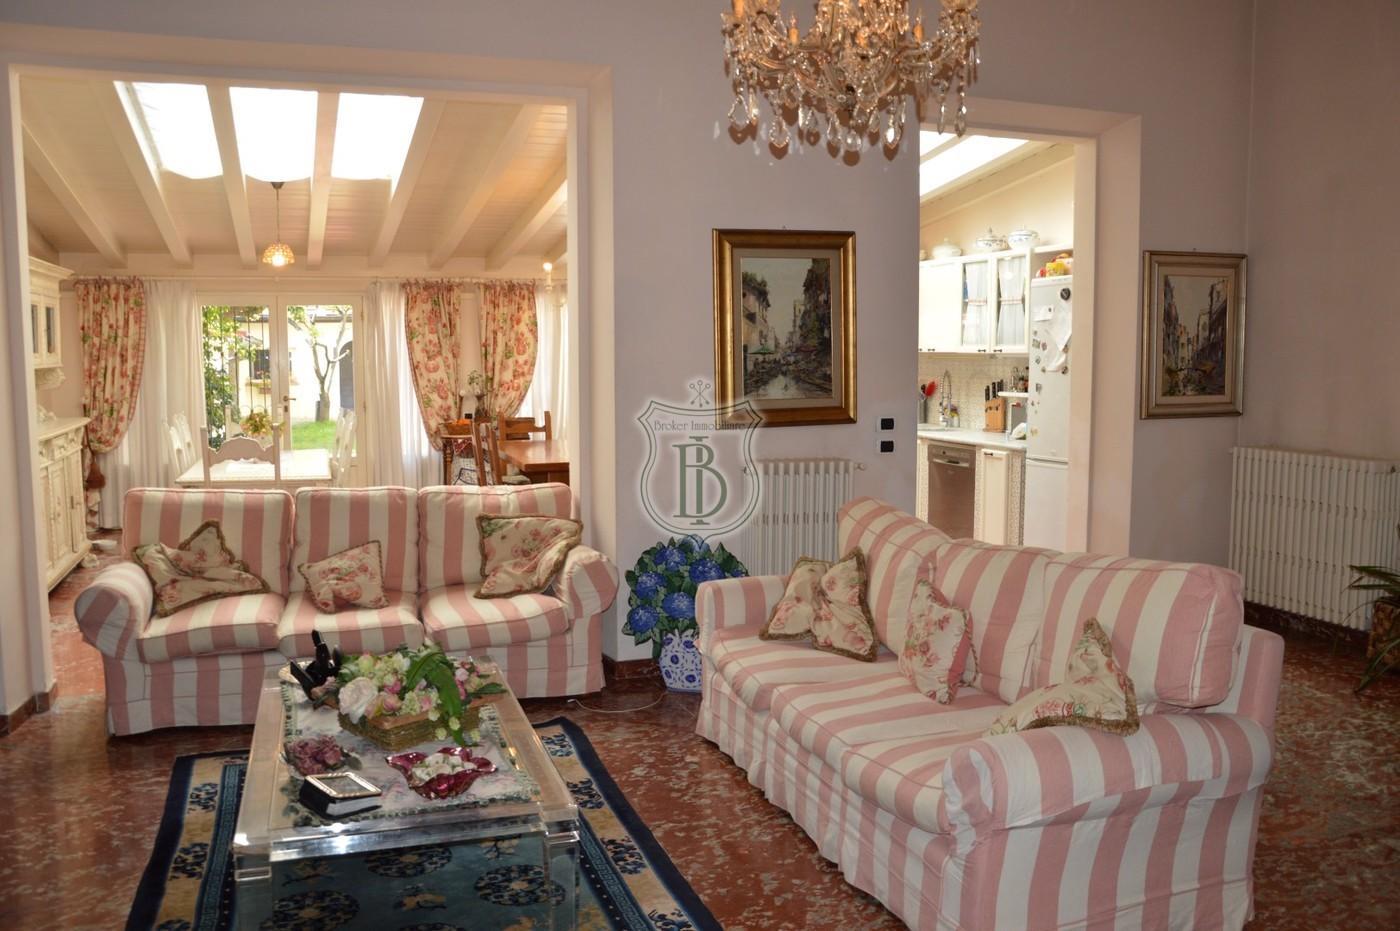 Villa in vendita a Viareggio con depandance e giardino a 200 metri dal mare